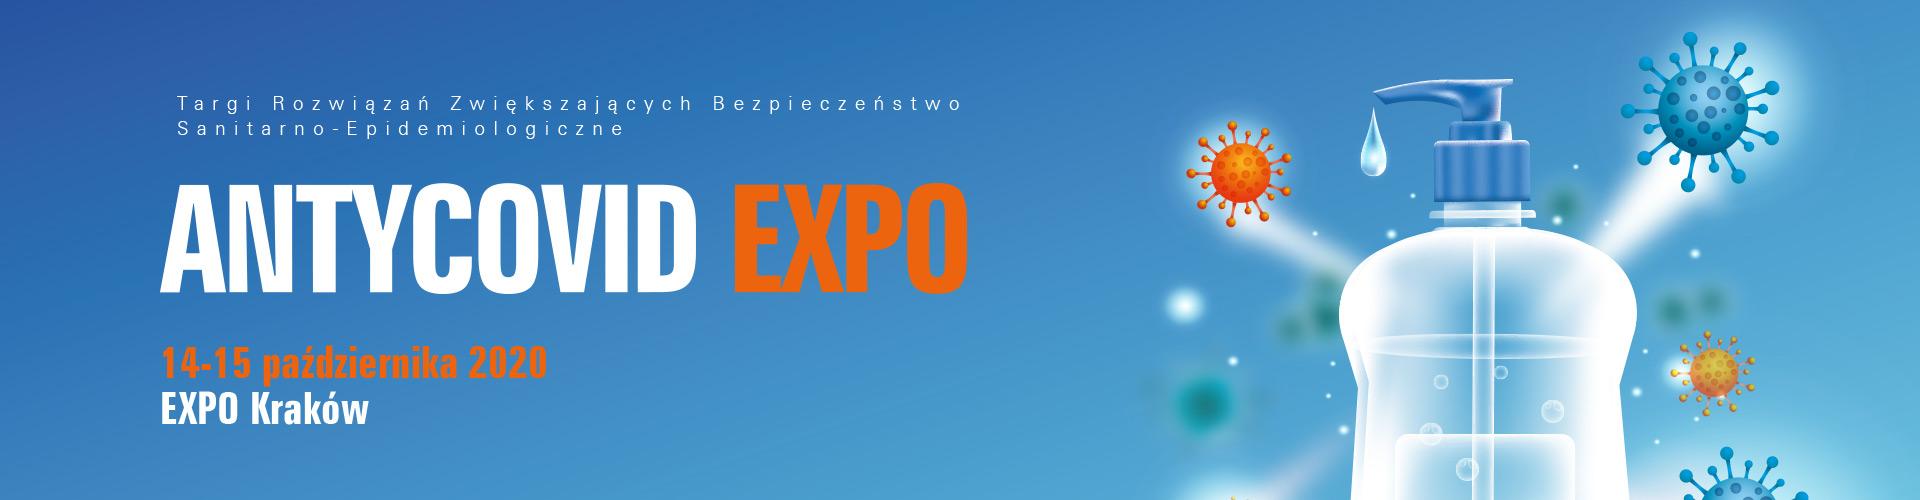 (Polski) Targi ANTYCOVID EXPO w Krakowie